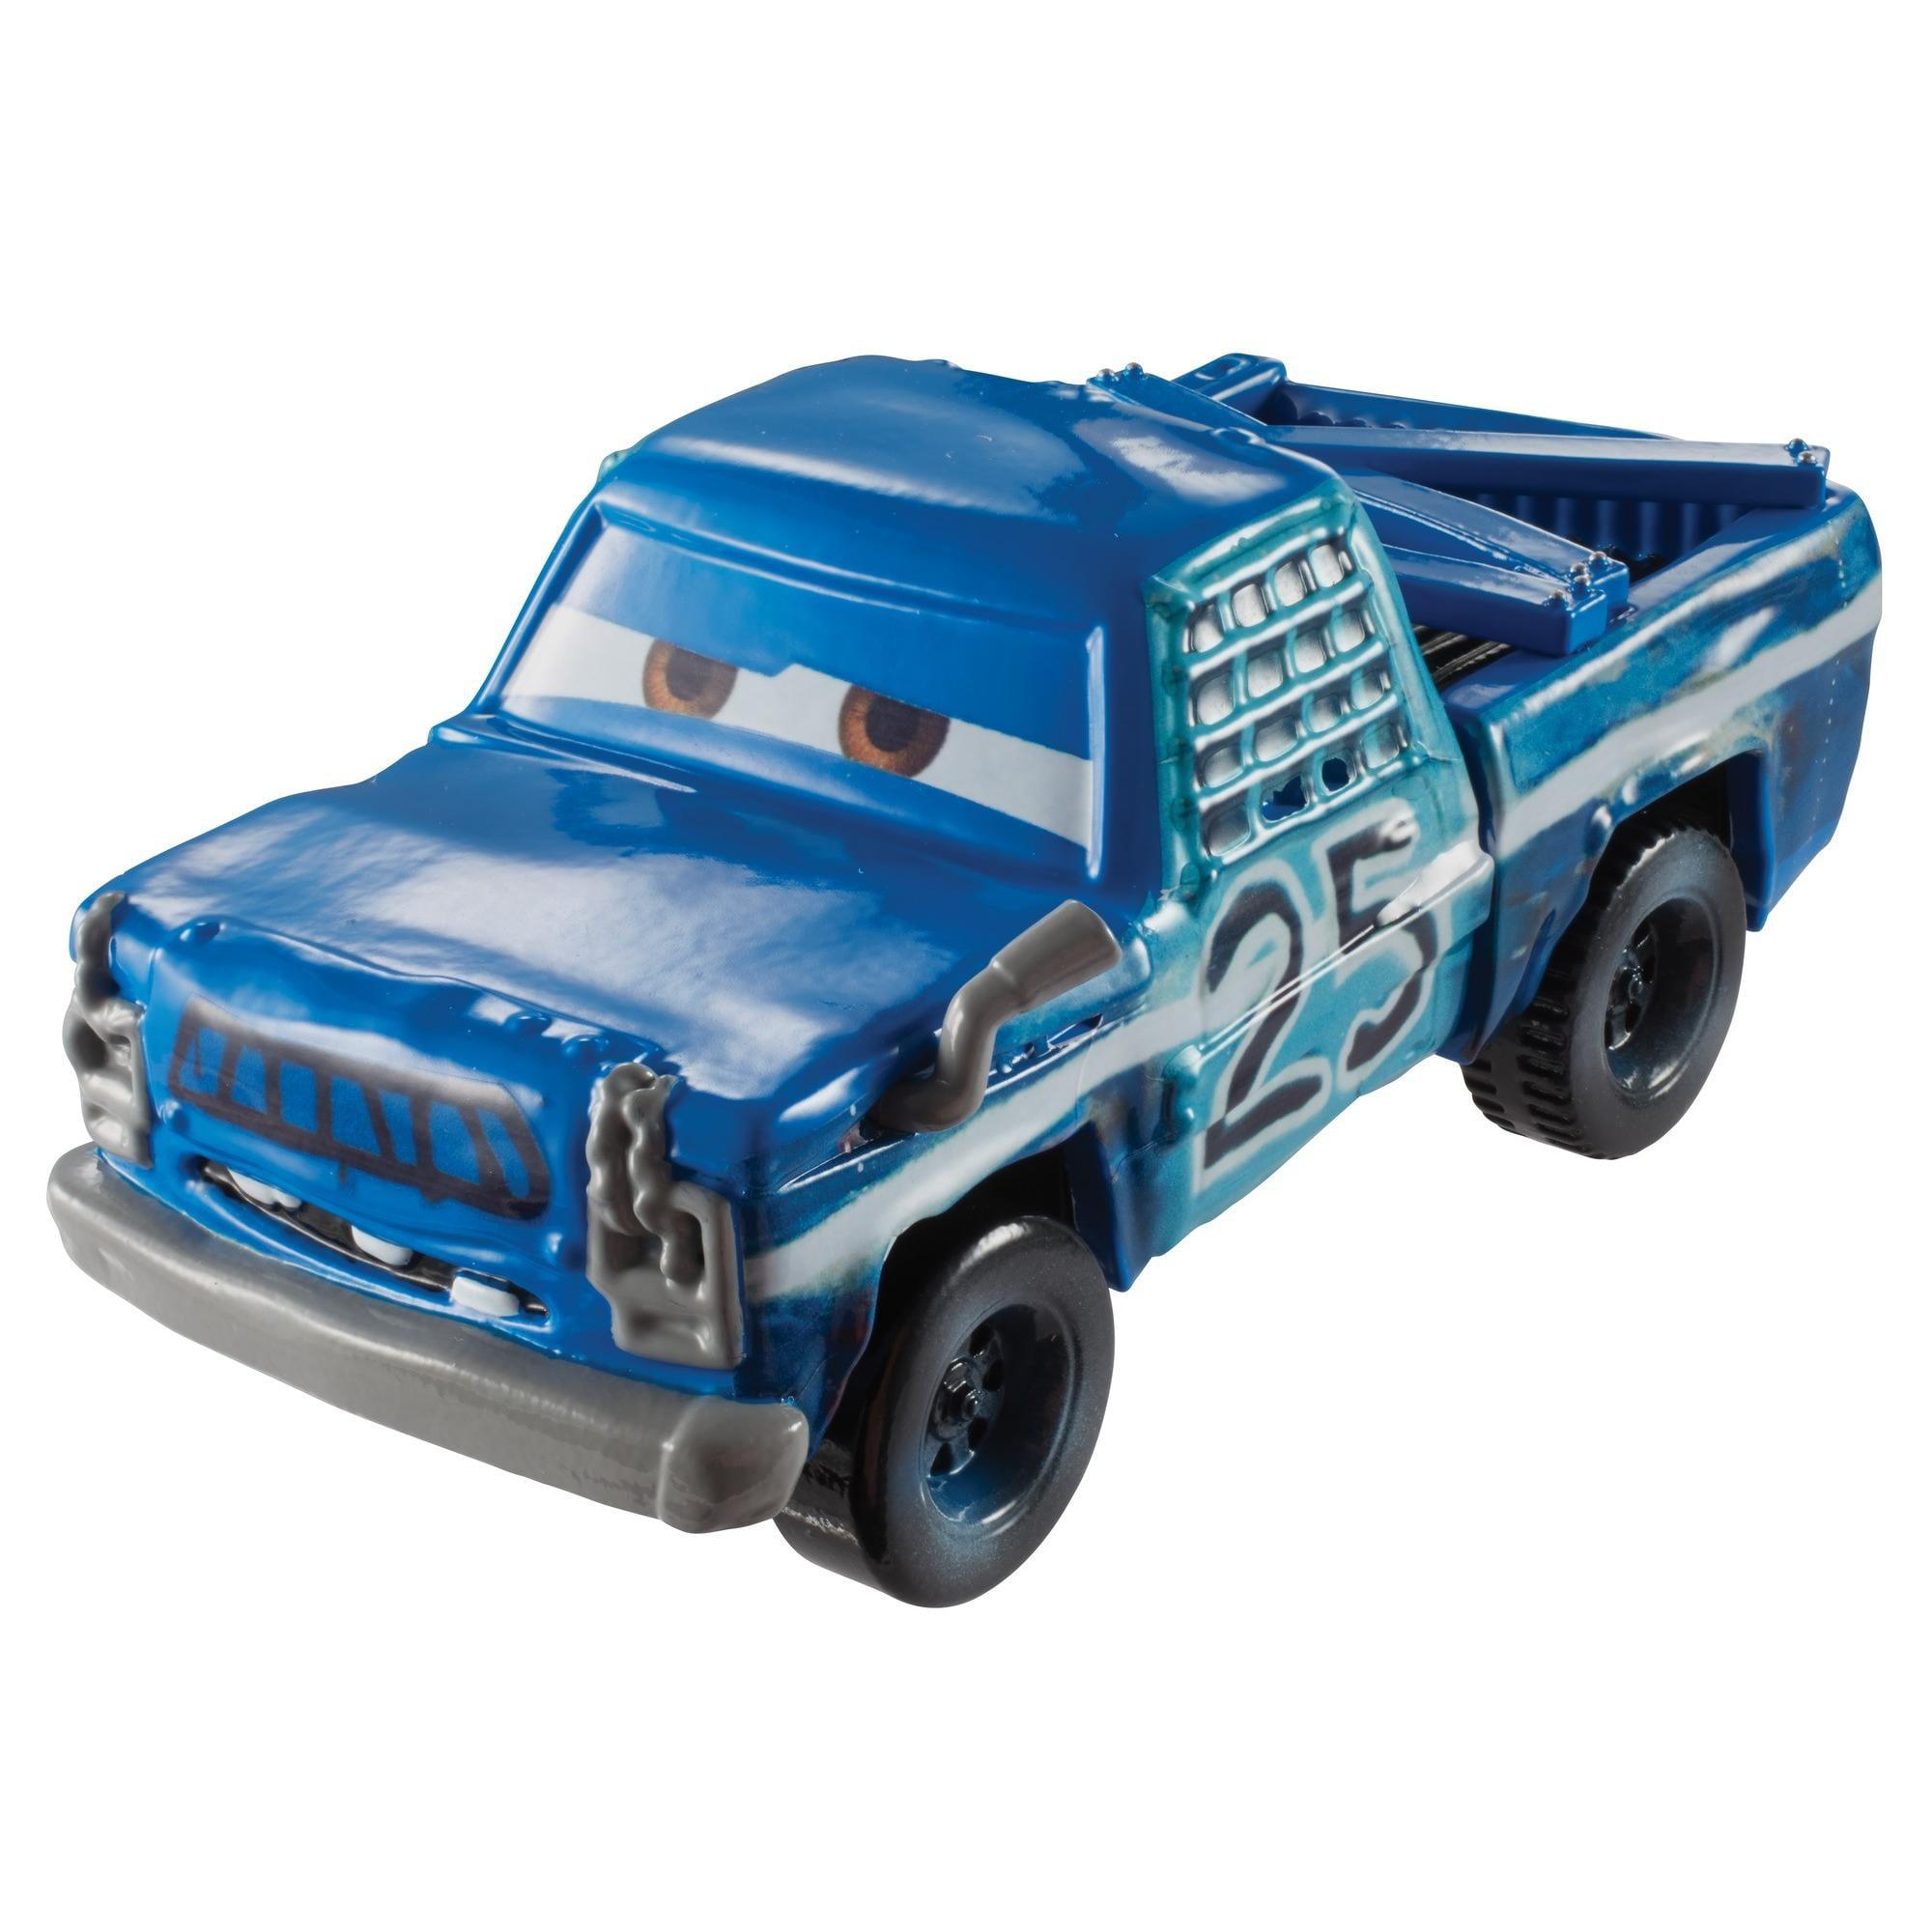 Disney Pixar Cars 3 Broadside Die Cast Character Vehicle Walmart